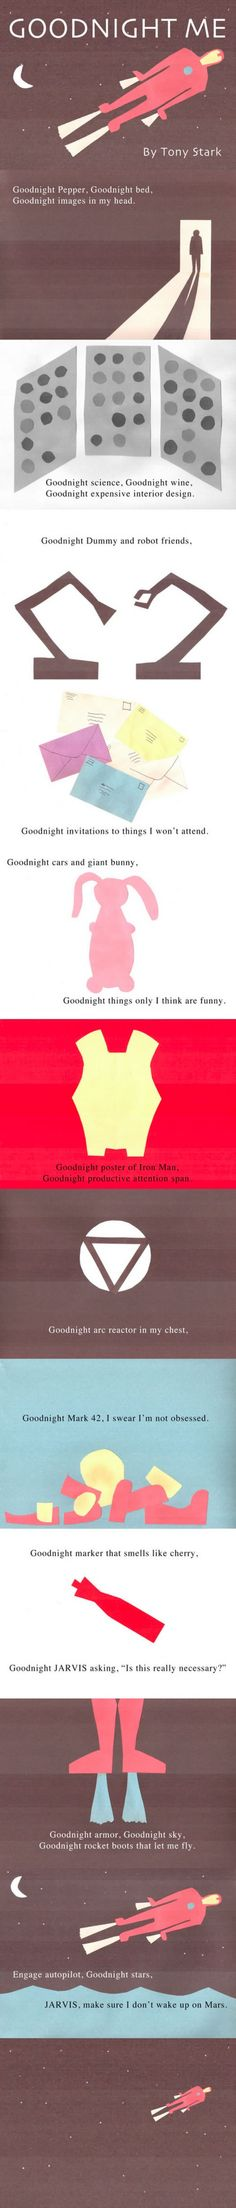 Goodnight Me, By Tony Stark